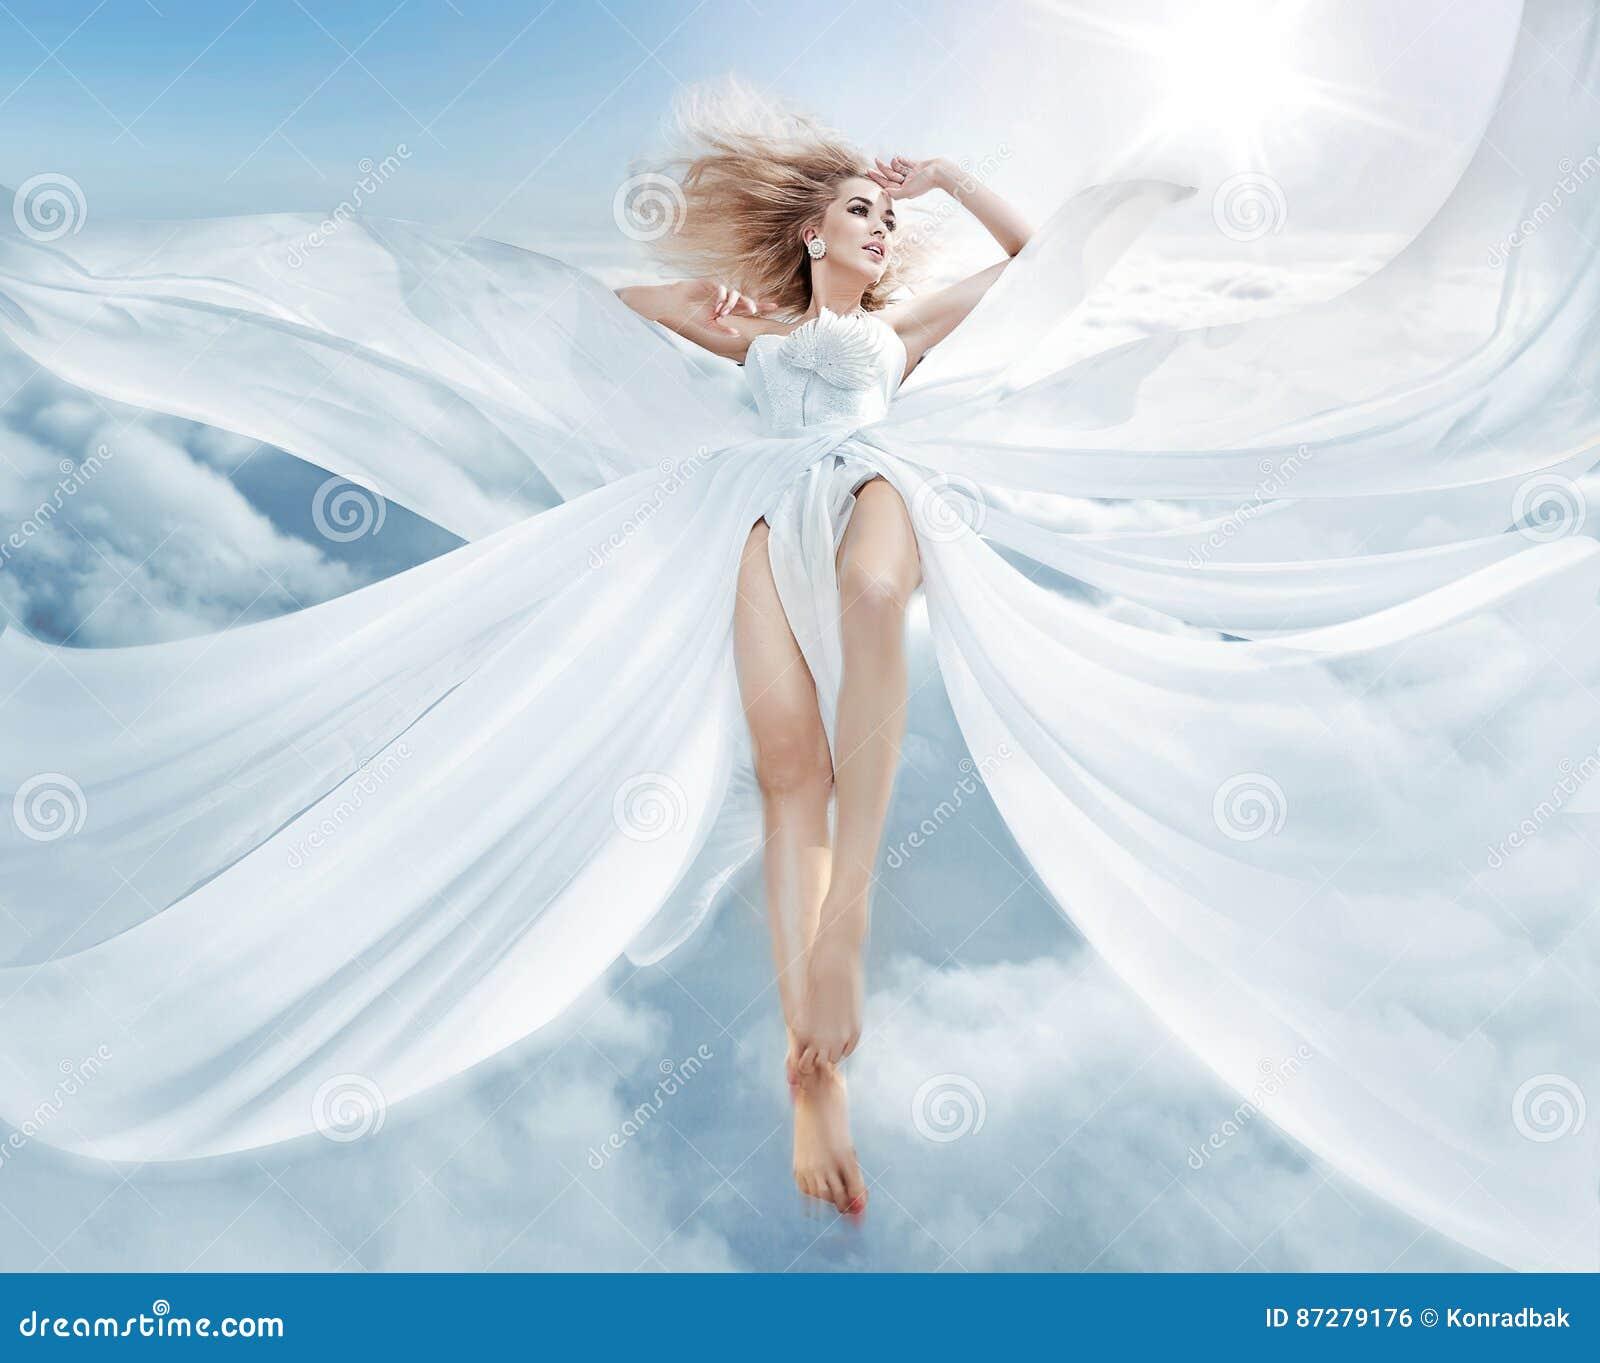 Porträt einer blonden Nymphe des Fliegens